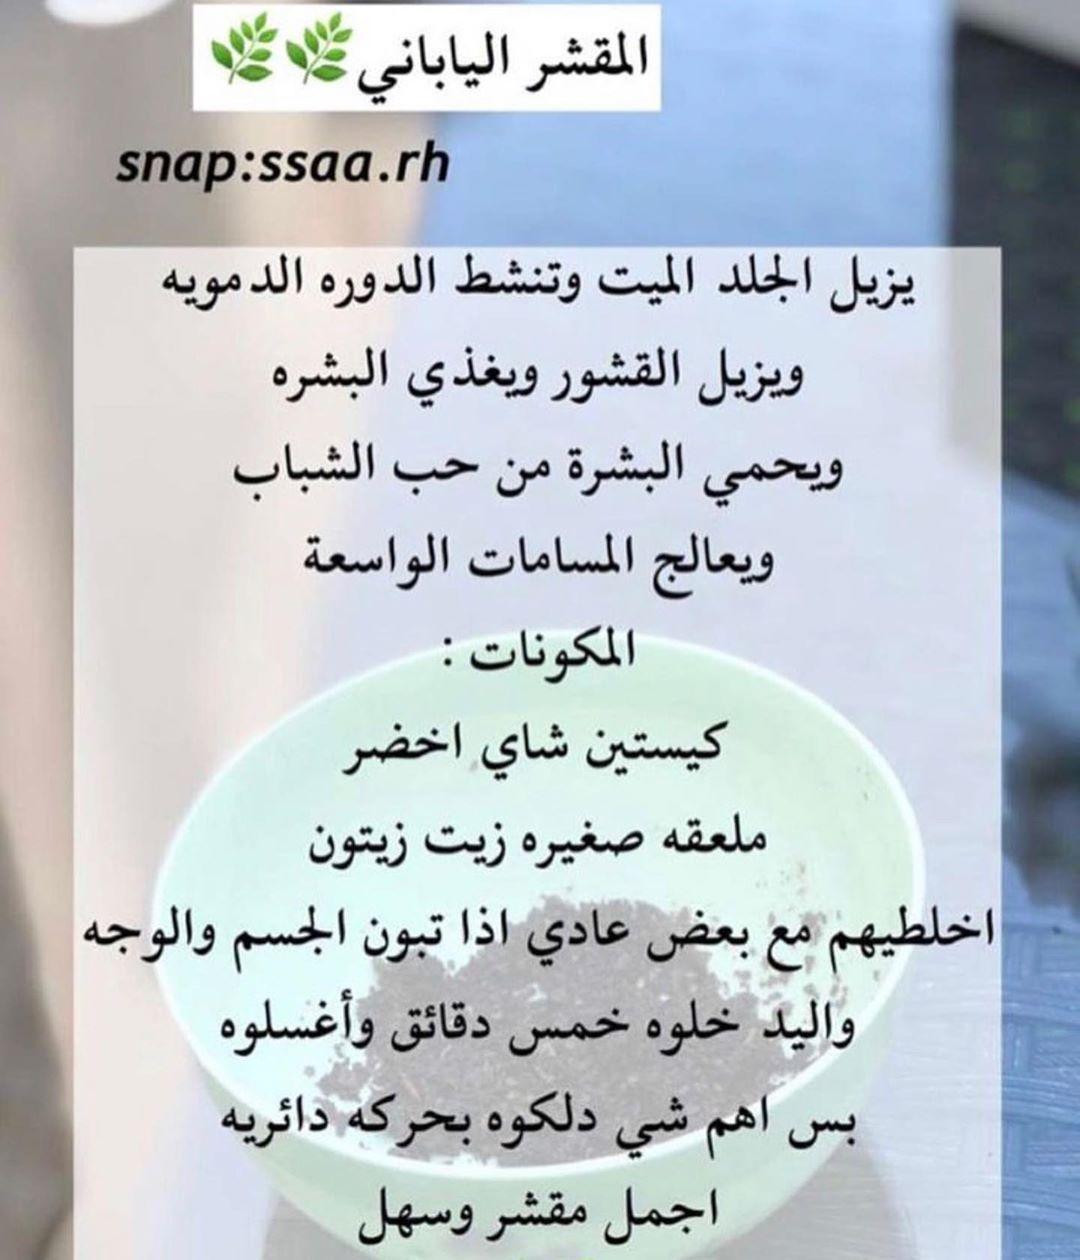 عنايه جمال خلطات السعوديه الكويت الامارات المغرب فساتين Skin Mask Makeup Personalized Items